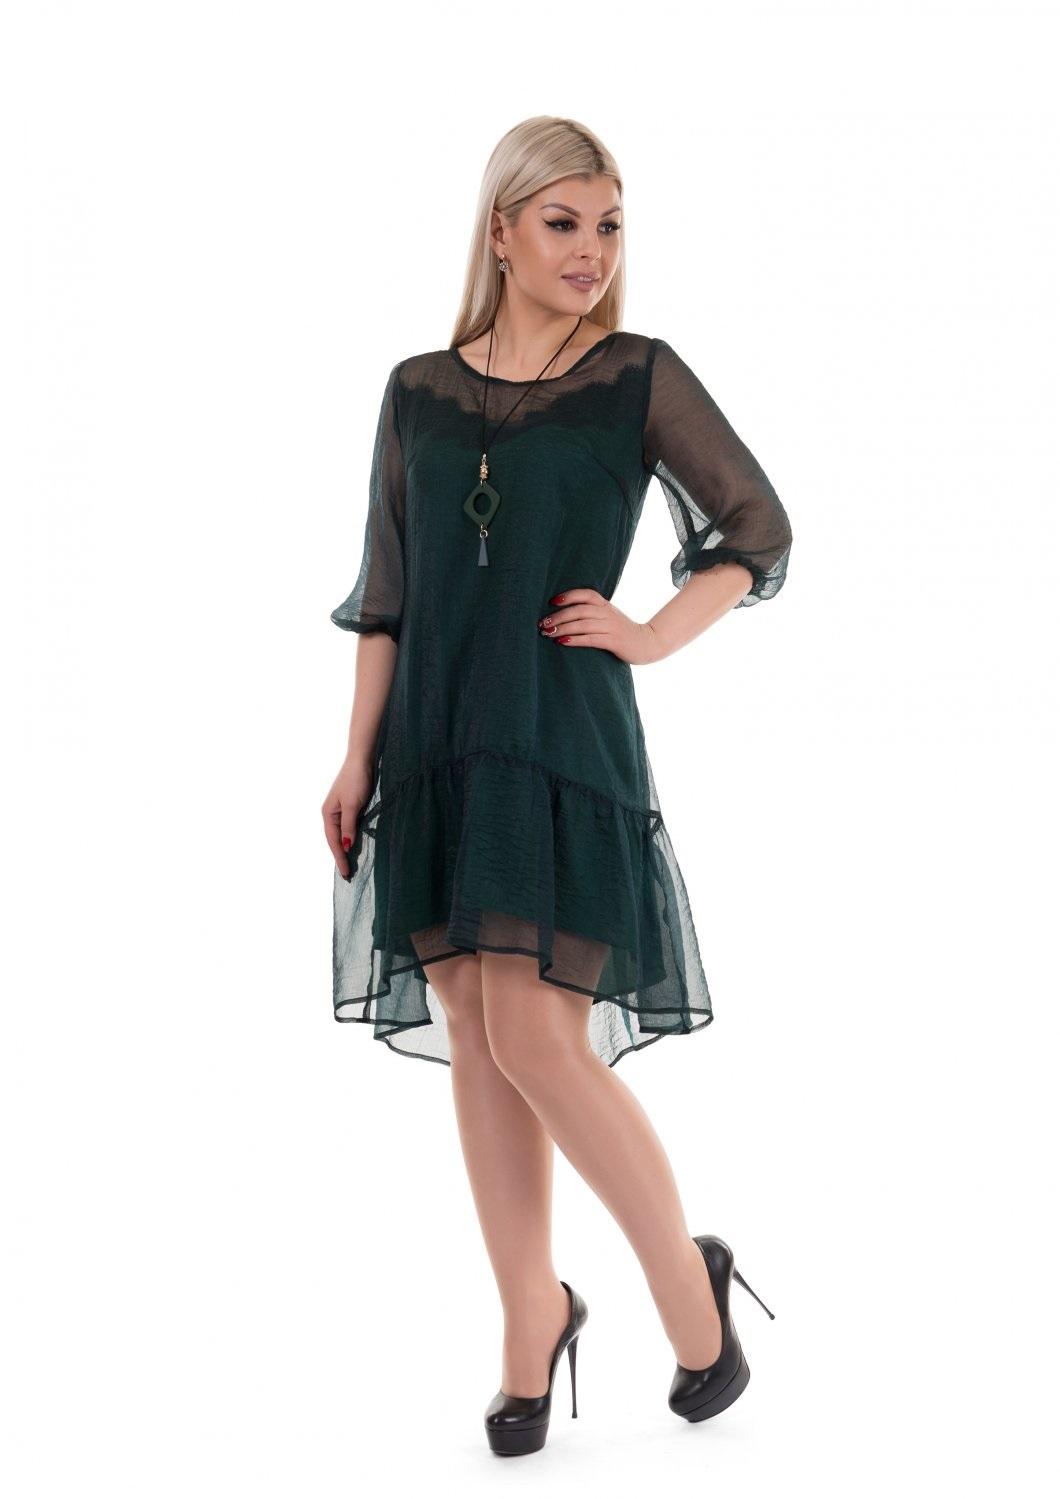 Изображение товара Guka Jalie Платье Женское